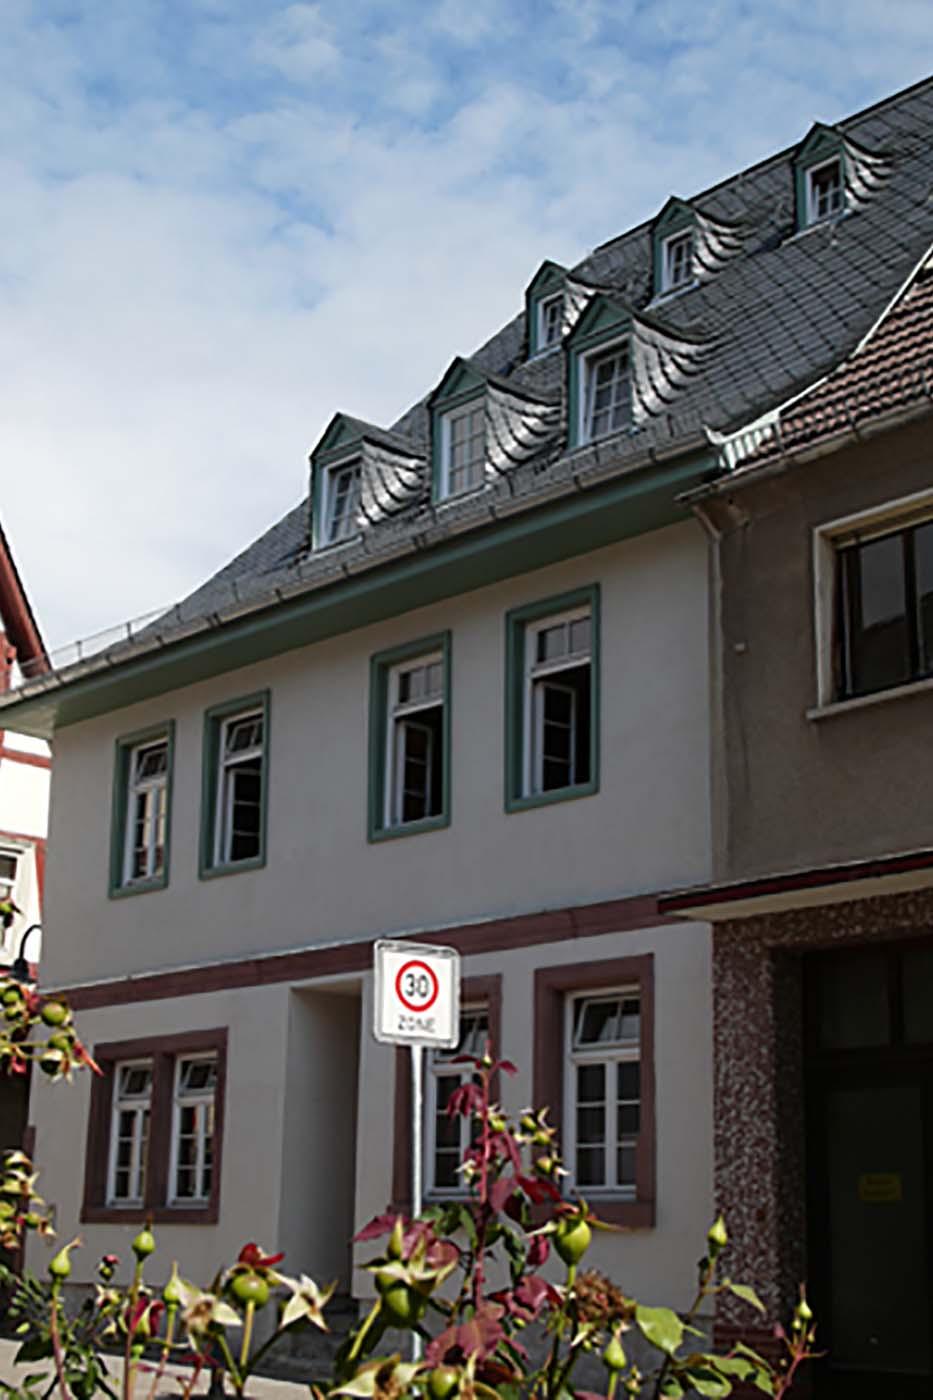 02_Erbach Markt, Haupthaus